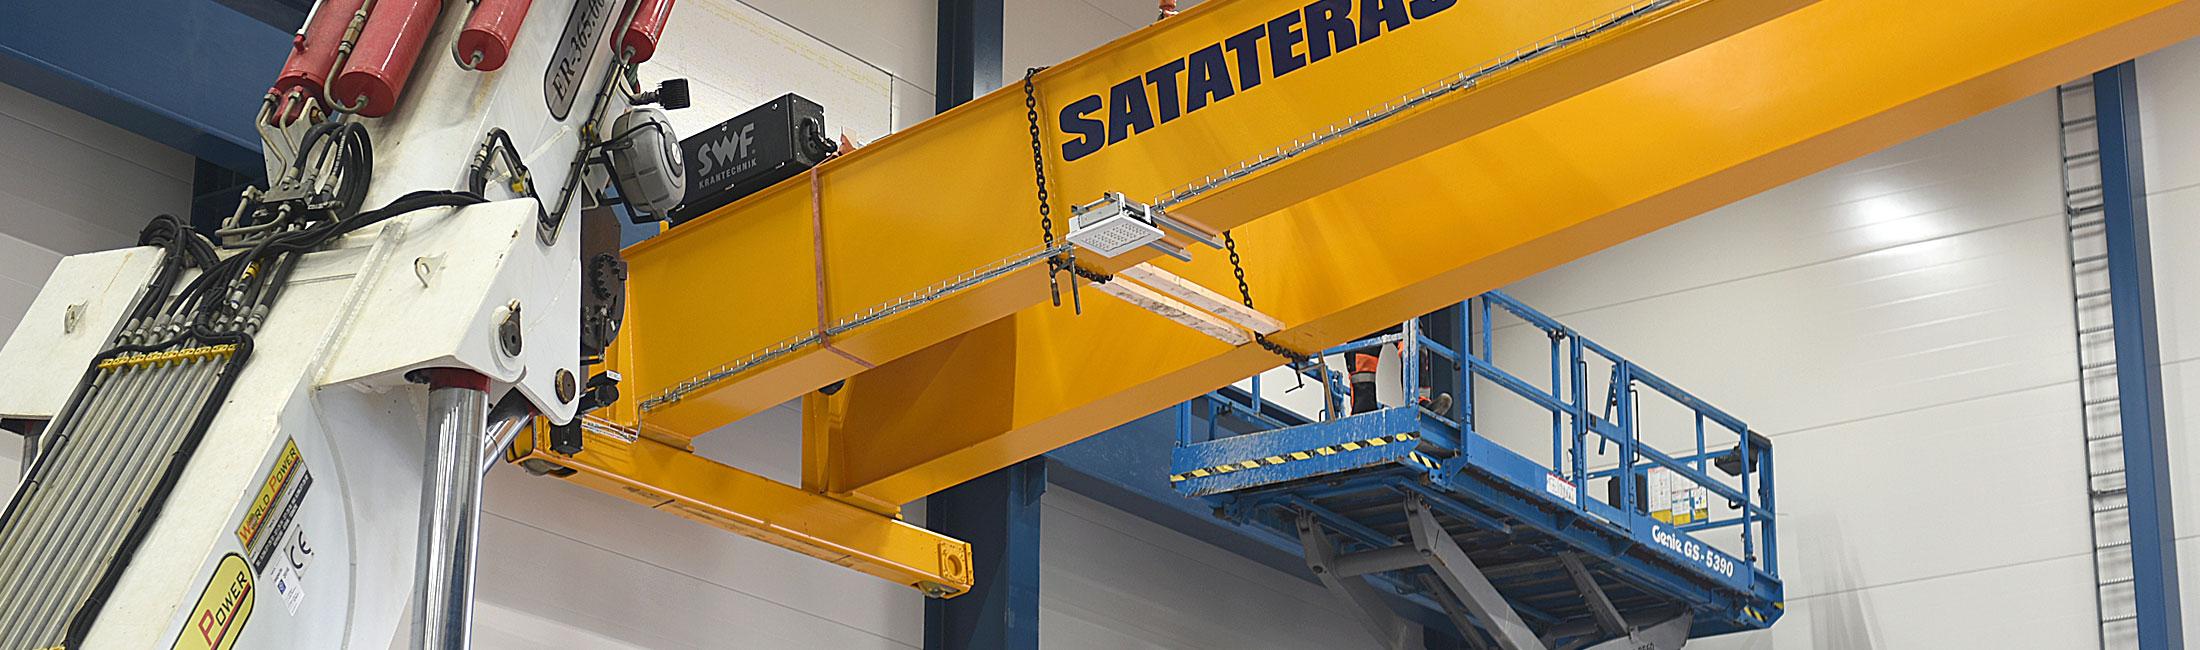 crane-service-nosturihuolto-teollisuus-metalliteollisuus-teollisuuden-siltanosturit-satateras-4